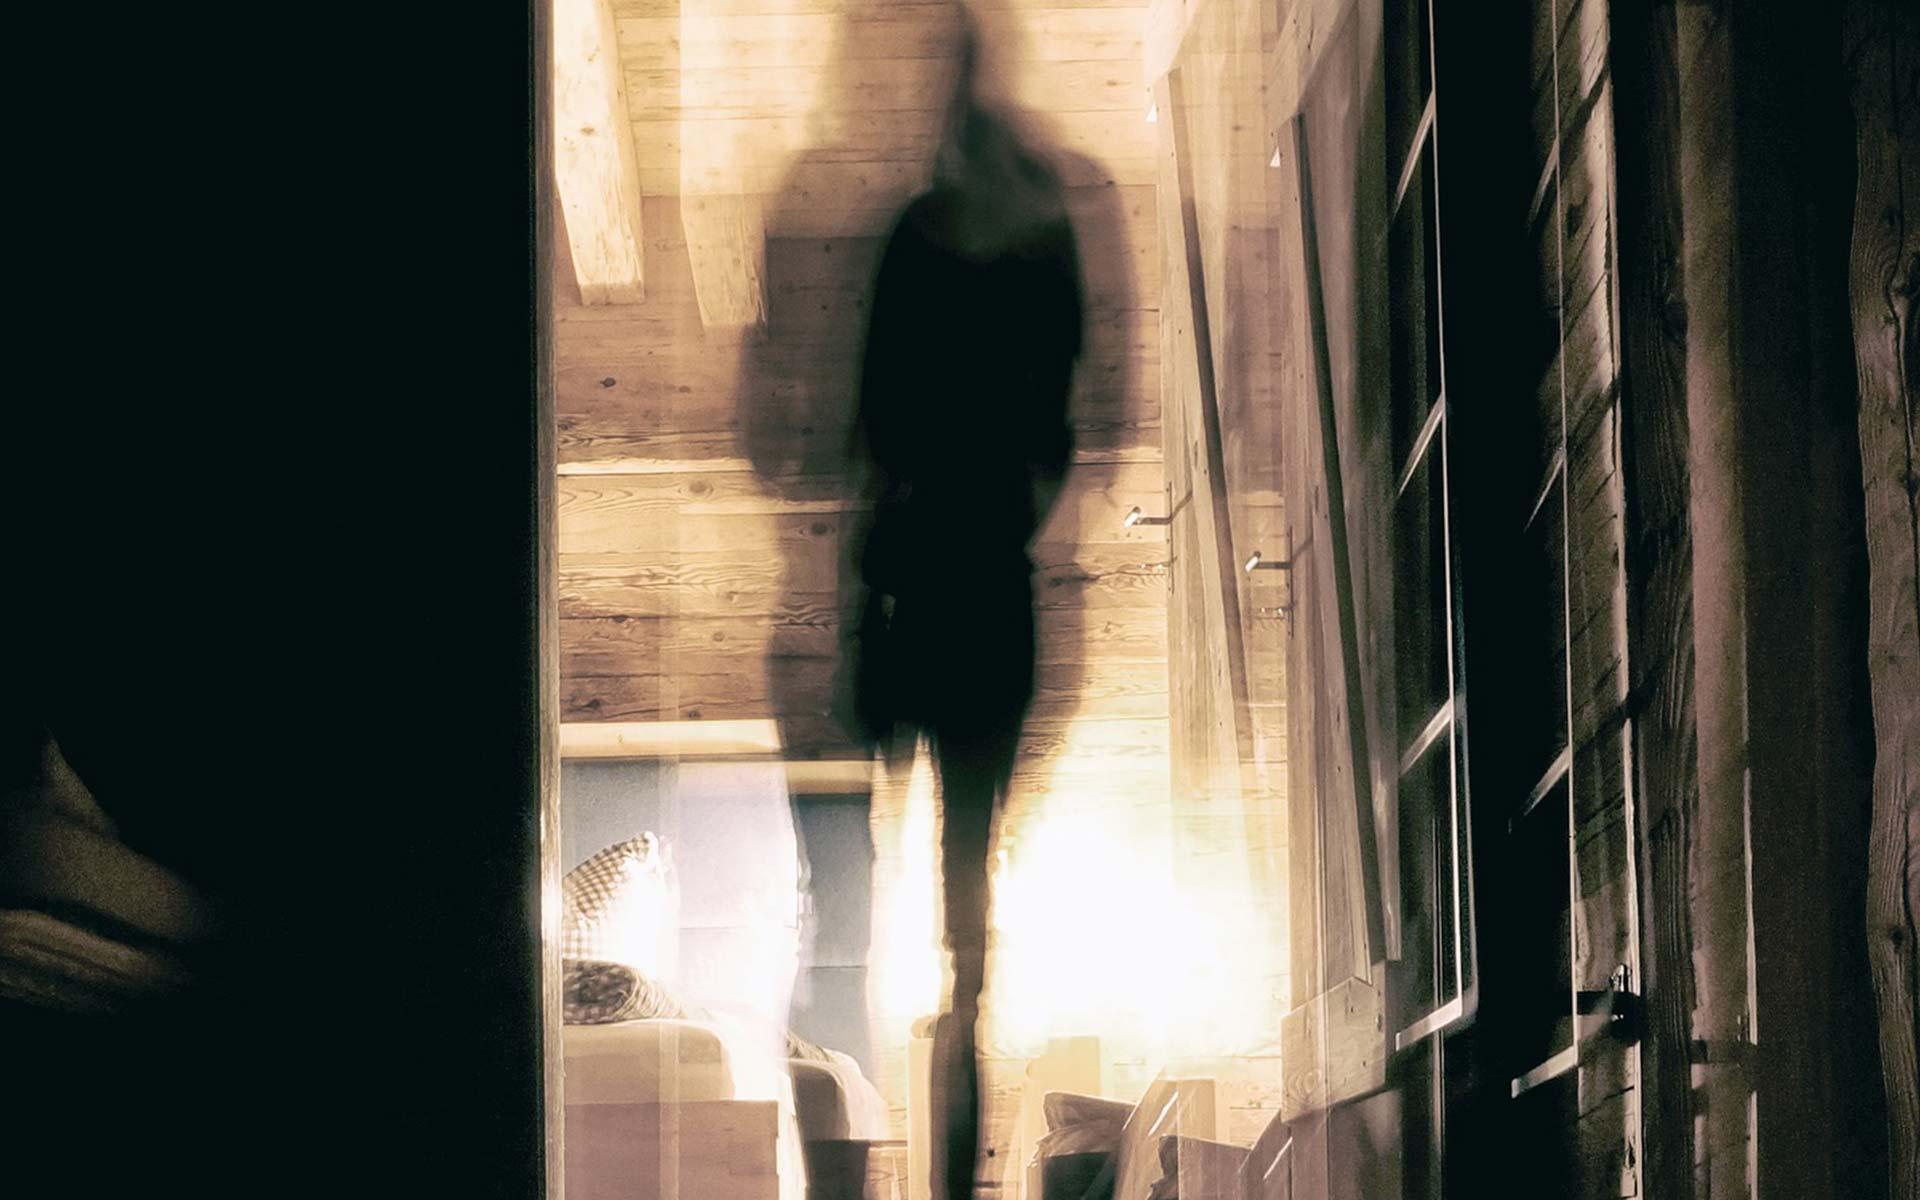 「幽霊」の論文!心霊写真を撮る公式?&災害と幽霊の関係とは?3/7(木) 23:00~放送!